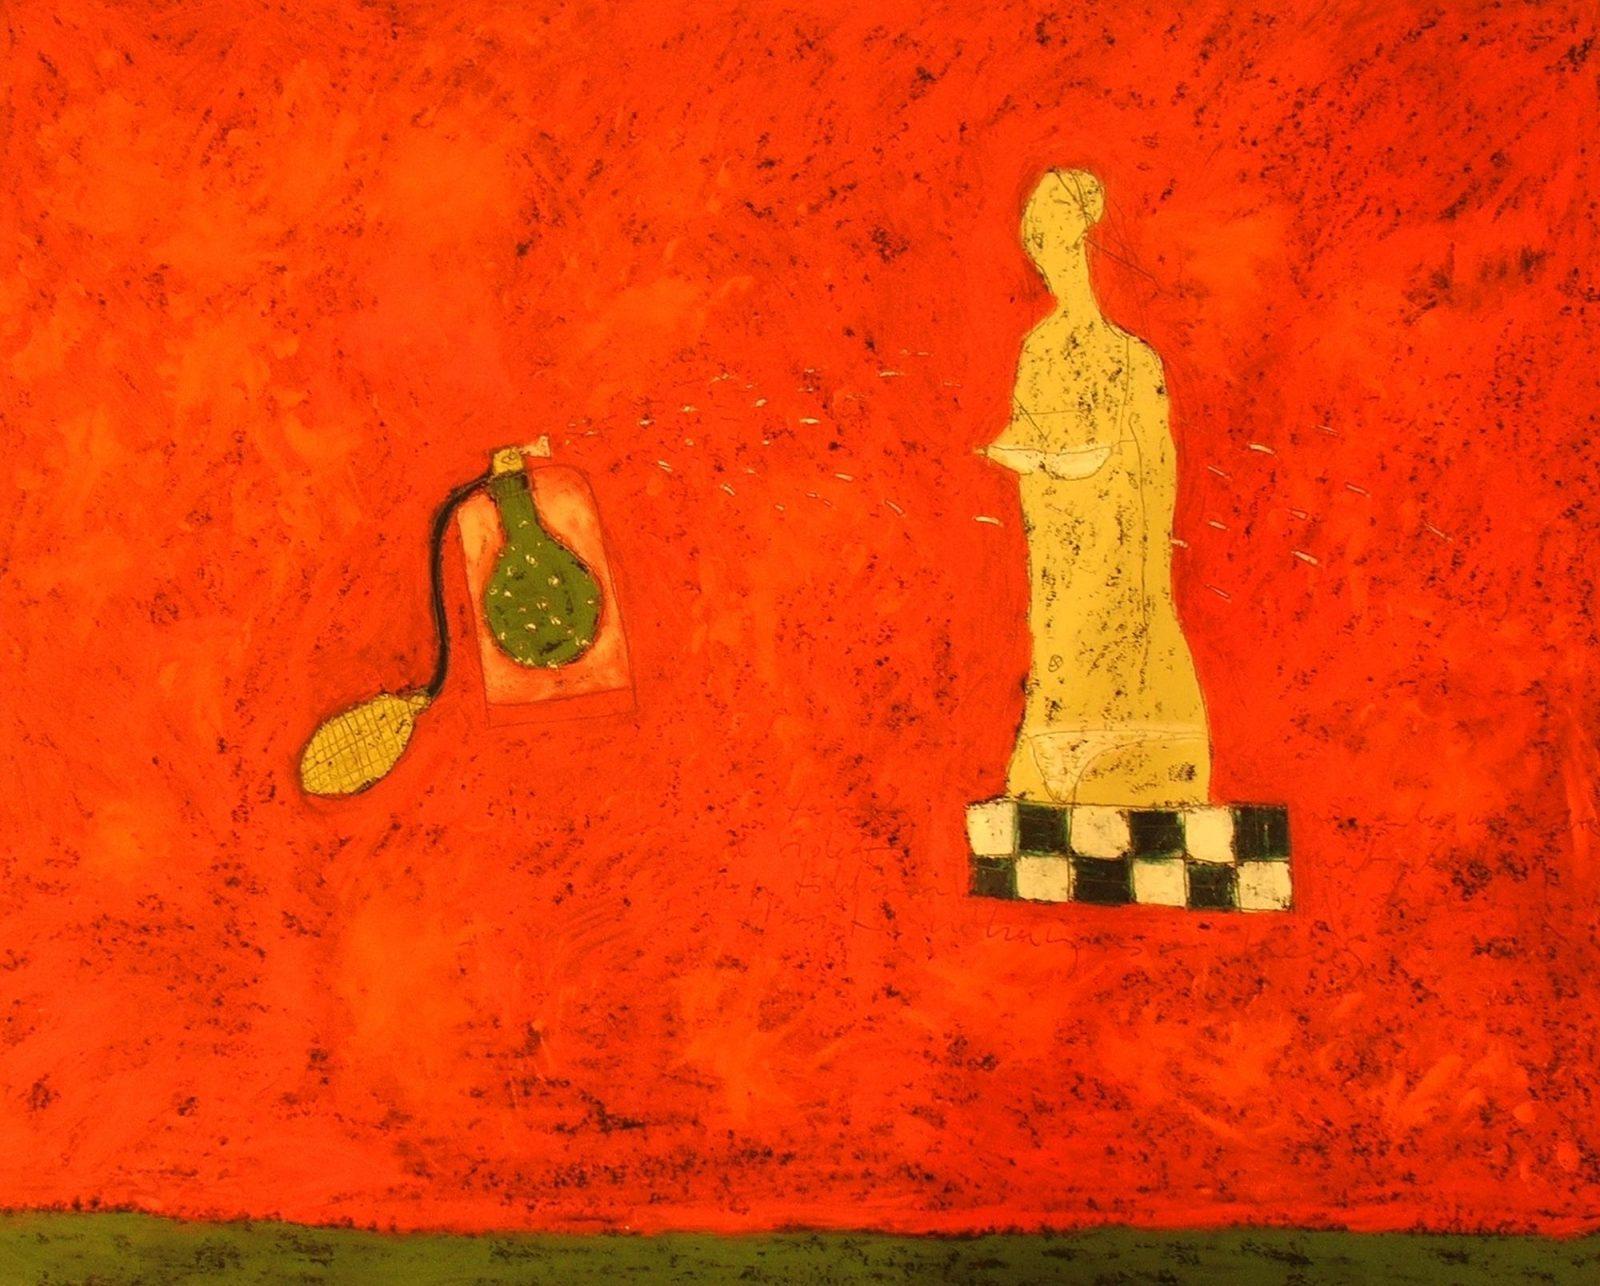 aatoth franyo: Nő parfümmel (Idegen illatok)